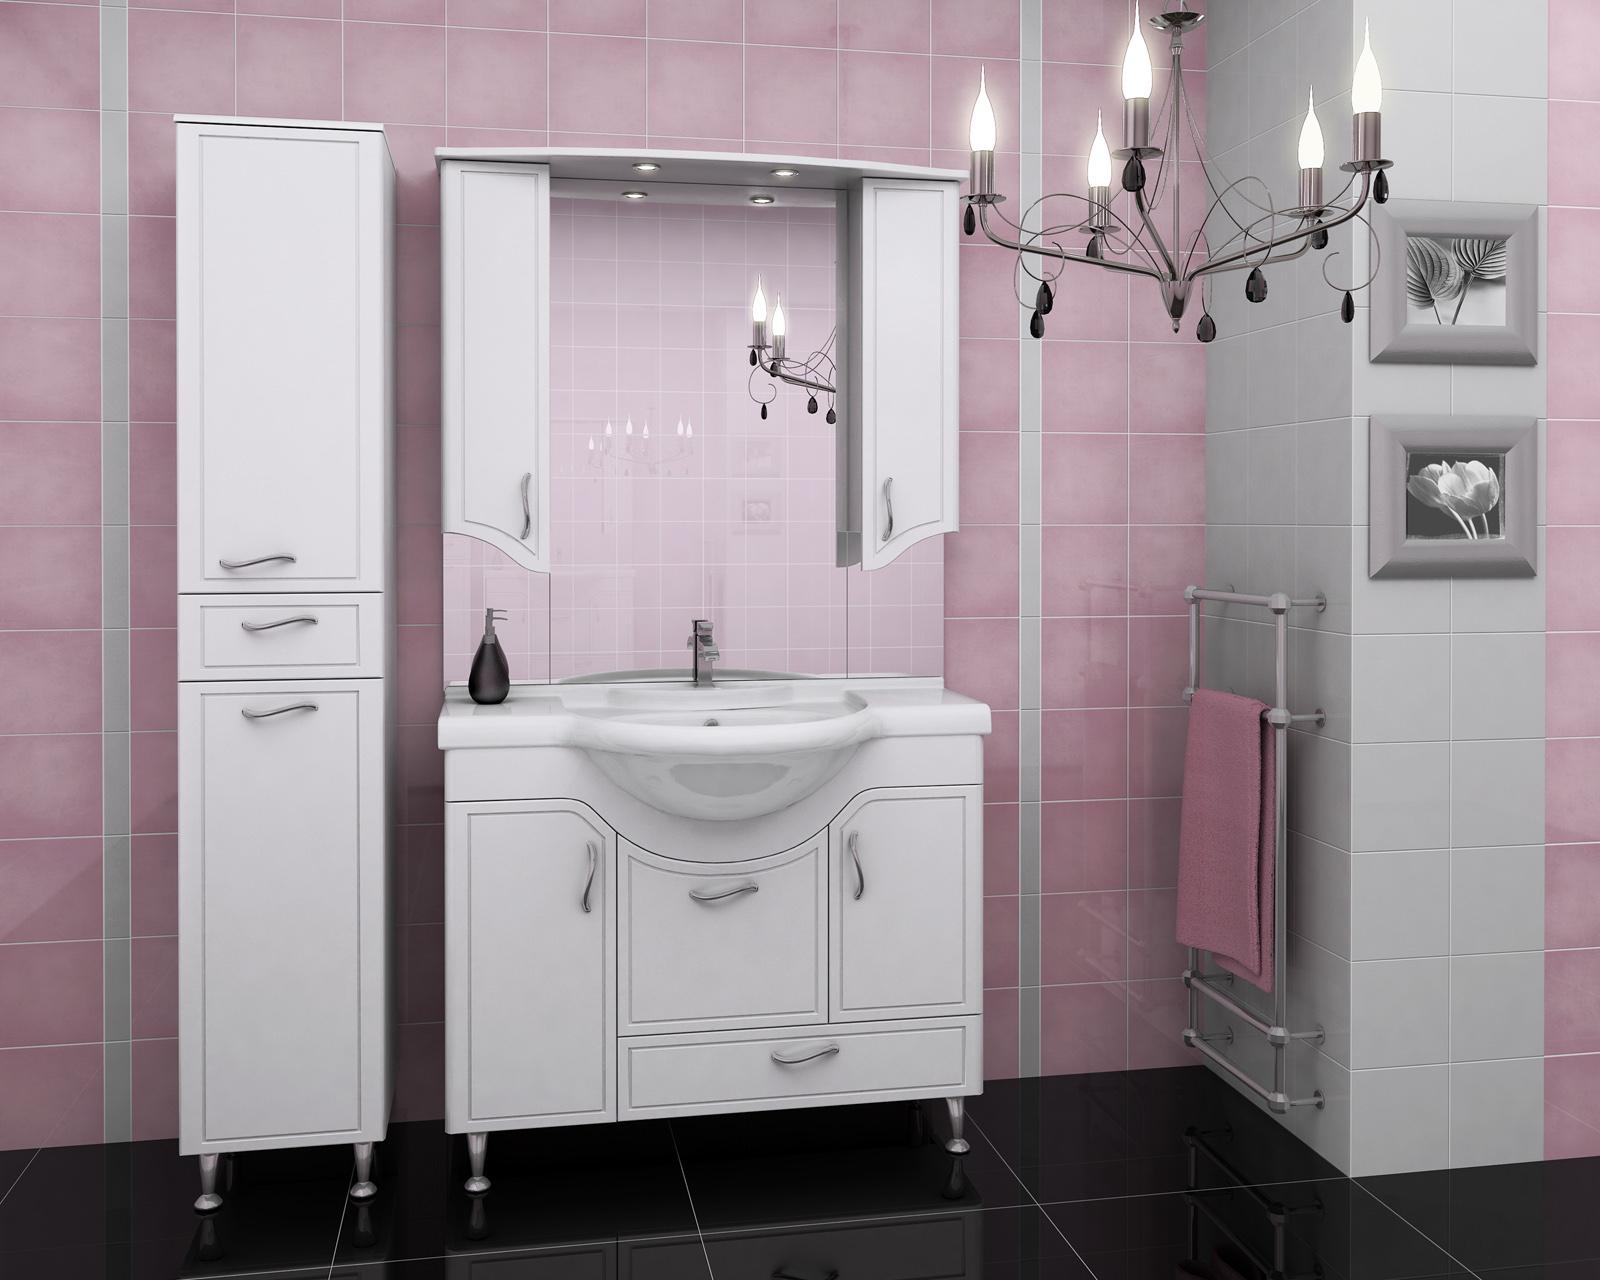 Мойдодыр для светлой ванной комнаты с яркими акцентами